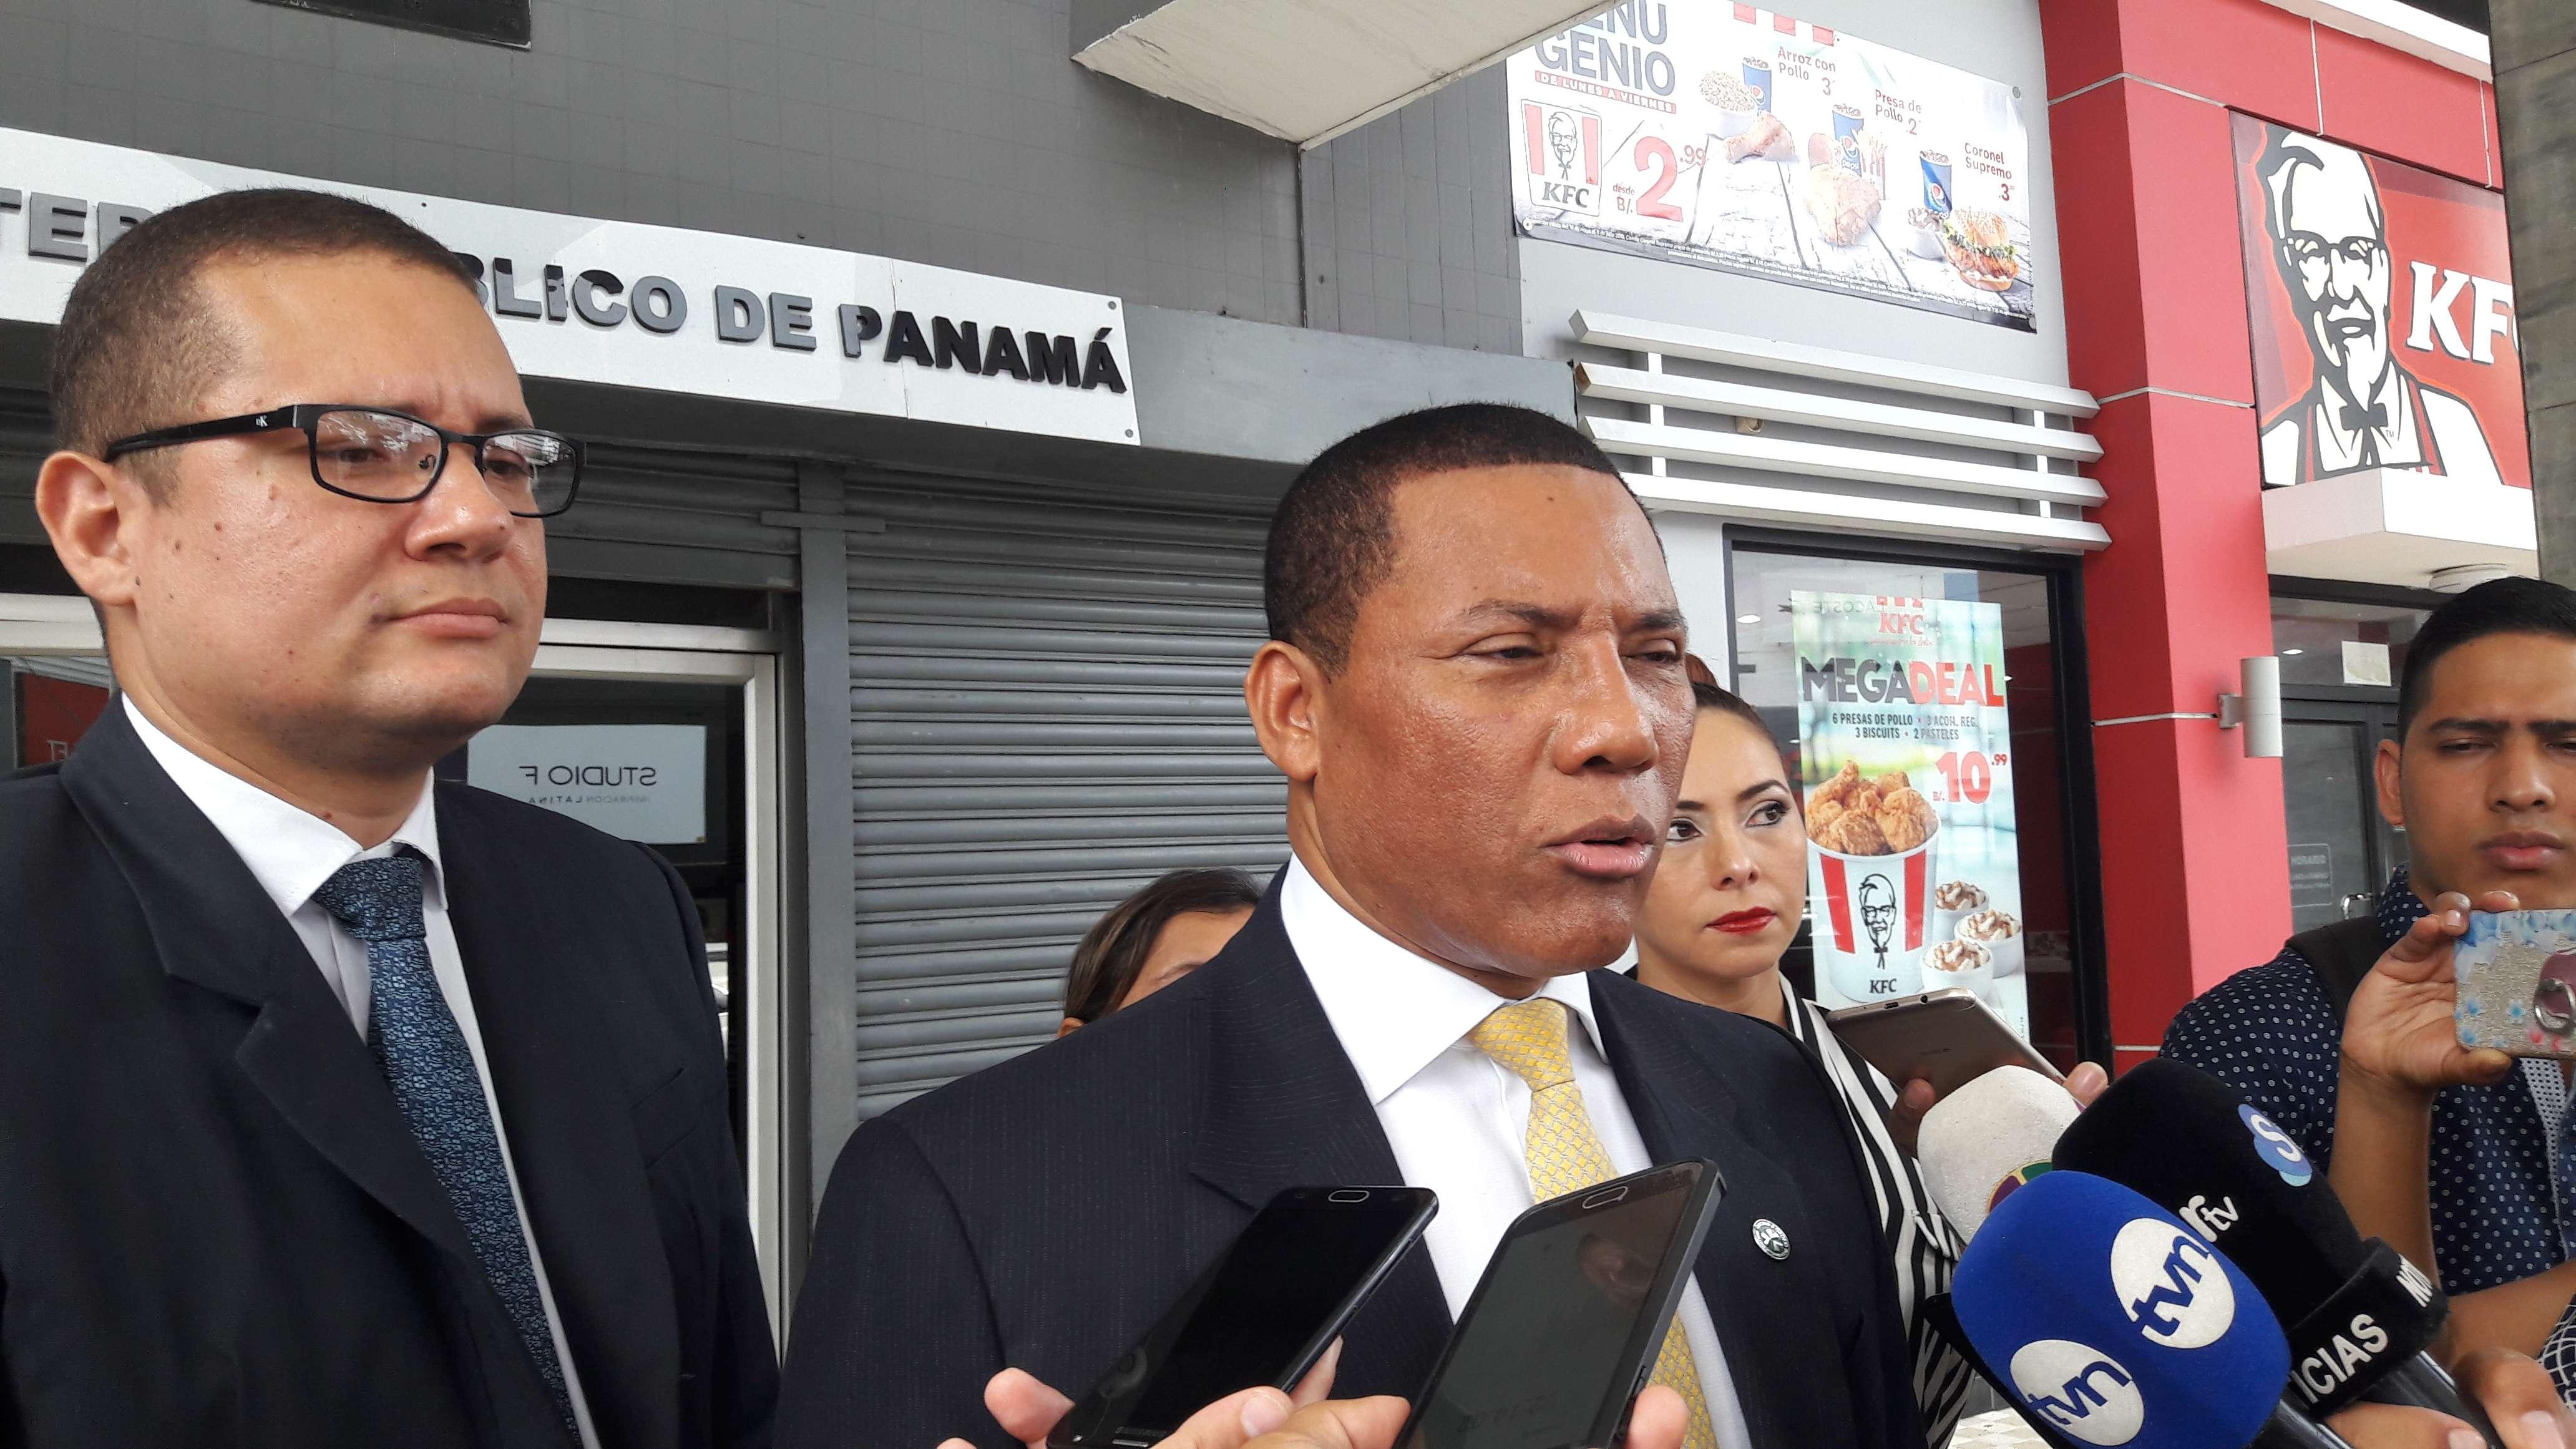 Victor Orobio se presentó junto a tres personas más al edificio Avesa. Foto: Jean Carlos Díaz